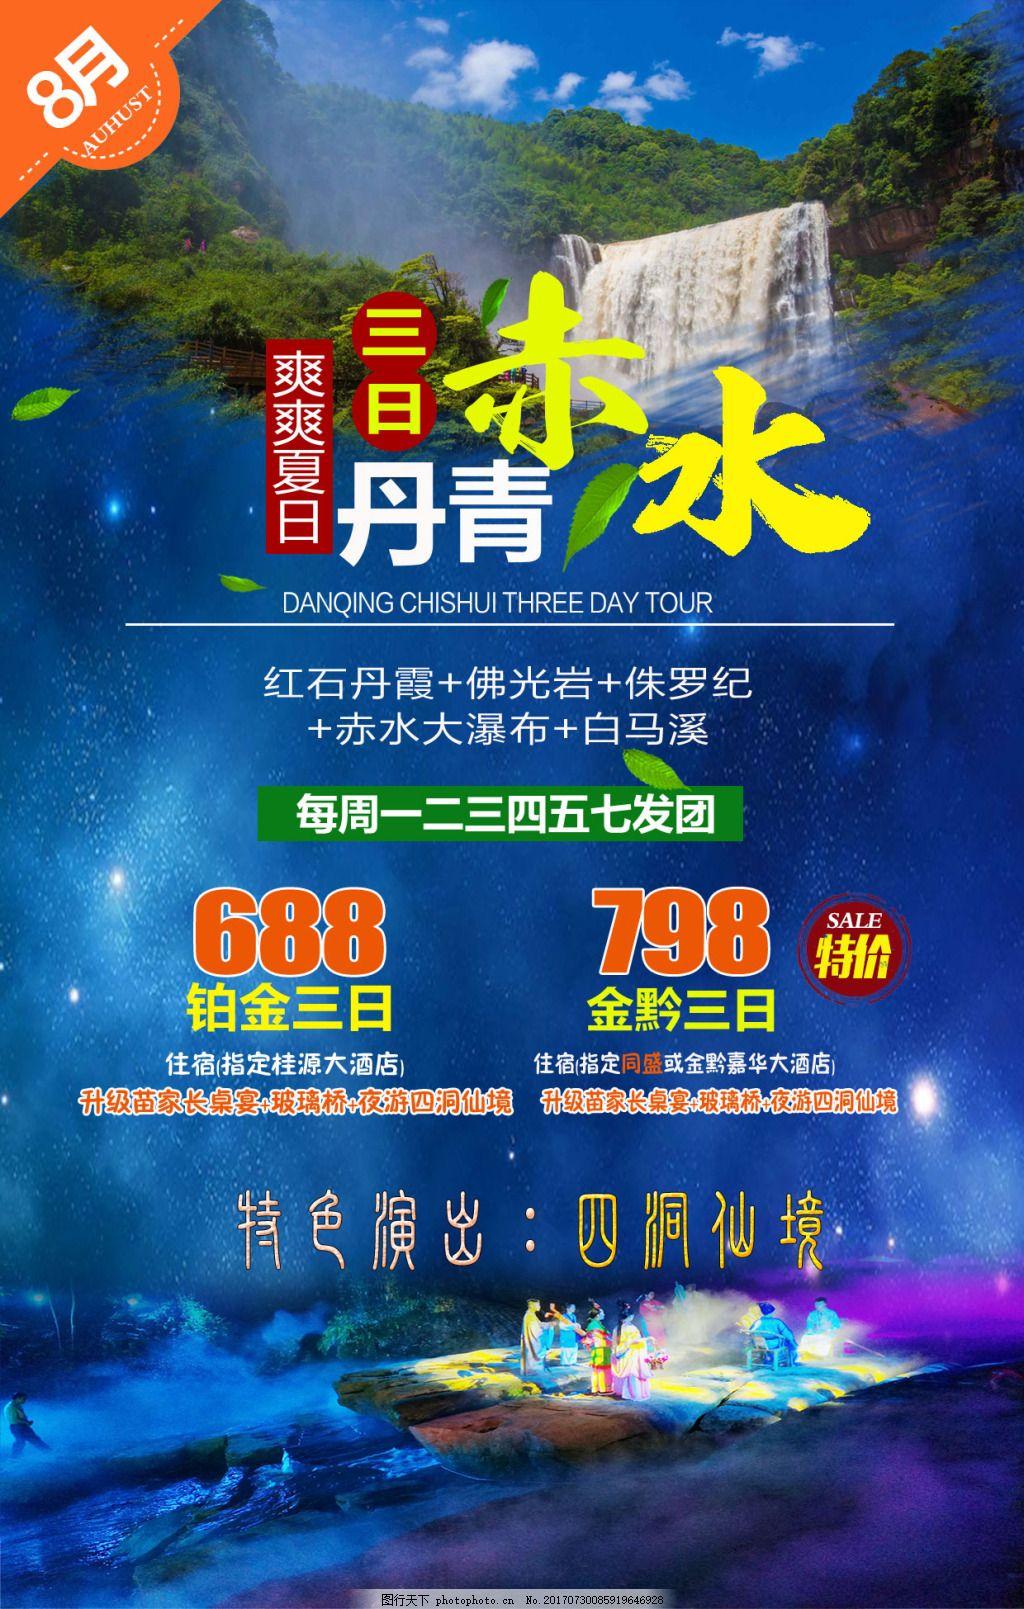 夜游仙境旅游海报 赤水 贵州 旅行 展板 促销 宣传